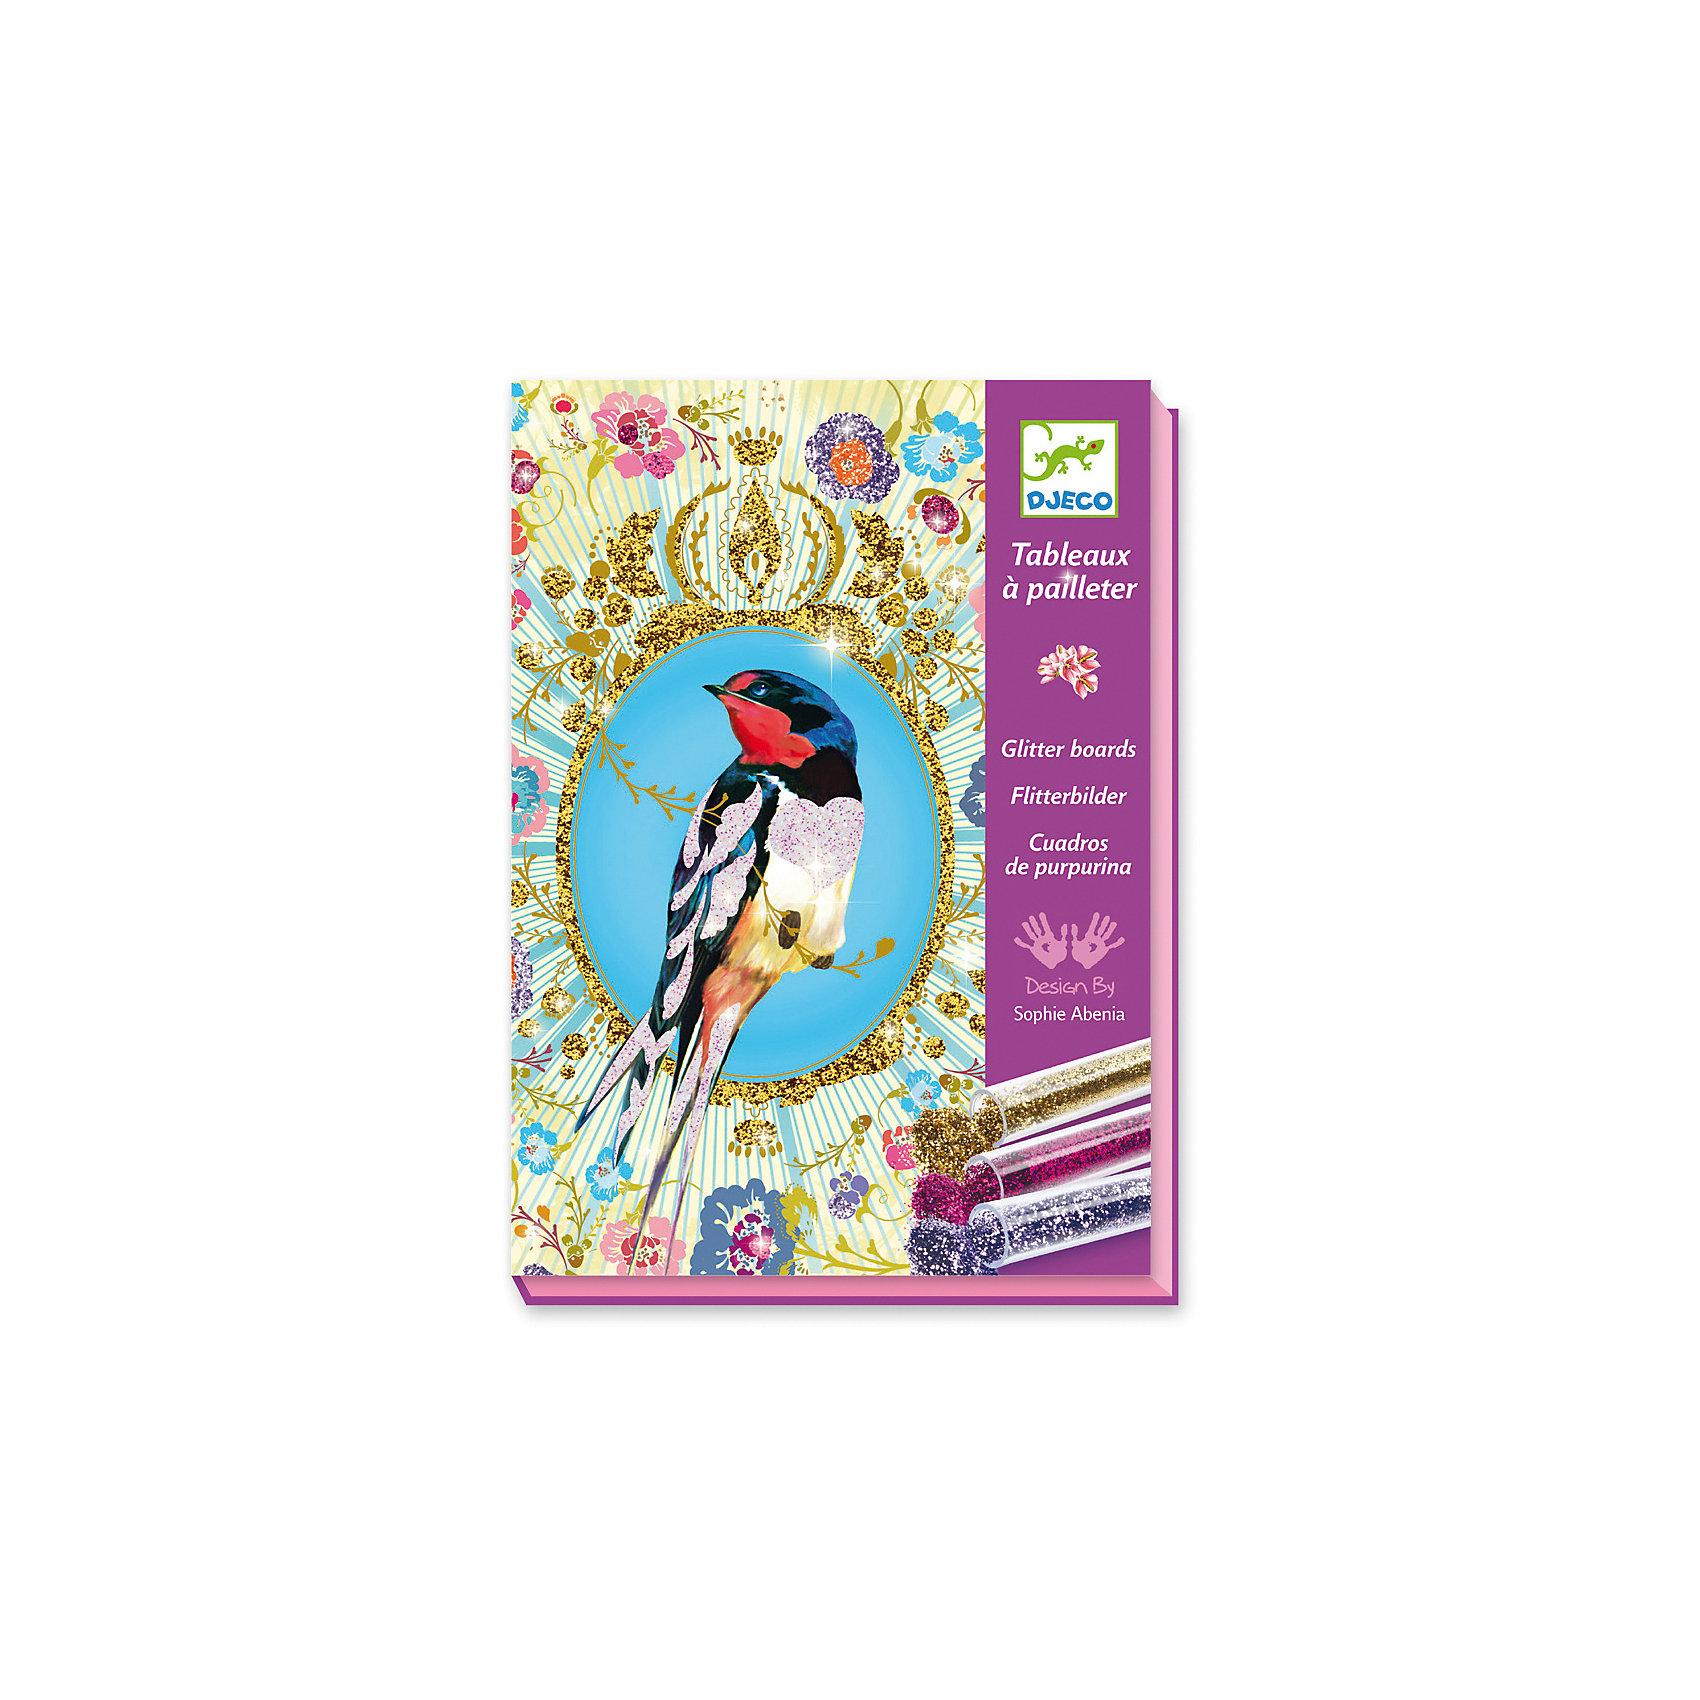 Набор для творчества «Блестящие птицы»Набор для творчества «Блестящие птицы» - это удивительно красивая раскраска блестками.<br>Набор для творчества «Блестящие птицы» от французской компании Djeco (Джеко) поможет девочкам самостоятельно создать невероятно красивые мерцающие картины. Картинки разделены на сектора и пронумерованы. На клейкий слой с помощью стека насыпается нужный цвет блесток (в соответствии с его номером), и с помощью кисти блестки равномерно распределяются. Коробка, в которой продается набор - рабочая поверхность. Раскрашивать картинку лучше в ней, рабочее место останется чистым. Коробочка набора имеет специальное отверстие для того, чтобы лишние блестки можно было ссыпать обратно в баночку. В результате кропотливой работы девочки получат 4 оригинальные открытки с изображением сказочных птичек в саду, все элементы будут блестеть и переливаться. Такие картинки украсят детскую комнату, станут замечательным подарком друзьям и родственникам. Набор для творчества «Блестящие птицы» развивает мелкую моторику рук, воображение, усидчивость и творческие способности.<br><br>Дополнительная информация:<br><br>- В наборе: 4 шаблона рисунков (15х21 см) на клейкой основе, 6 тюбиков с разноцветными блёстками, кисть, специальный стек, пошаговая инструкция<br>- Размер упаковки: 23 х 17 х 4 см.<br>- Вес: 450 гр. <br><br>Набор для творчества «Блестящие птицы» можно купить в нашем интернет-магазине.<br><br>Ширина мм: 230<br>Глубина мм: 170<br>Высота мм: 40<br>Вес г: 450<br>Возраст от месяцев: 84<br>Возраст до месяцев: 156<br>Пол: Унисекс<br>Возраст: Детский<br>SKU: 4305791